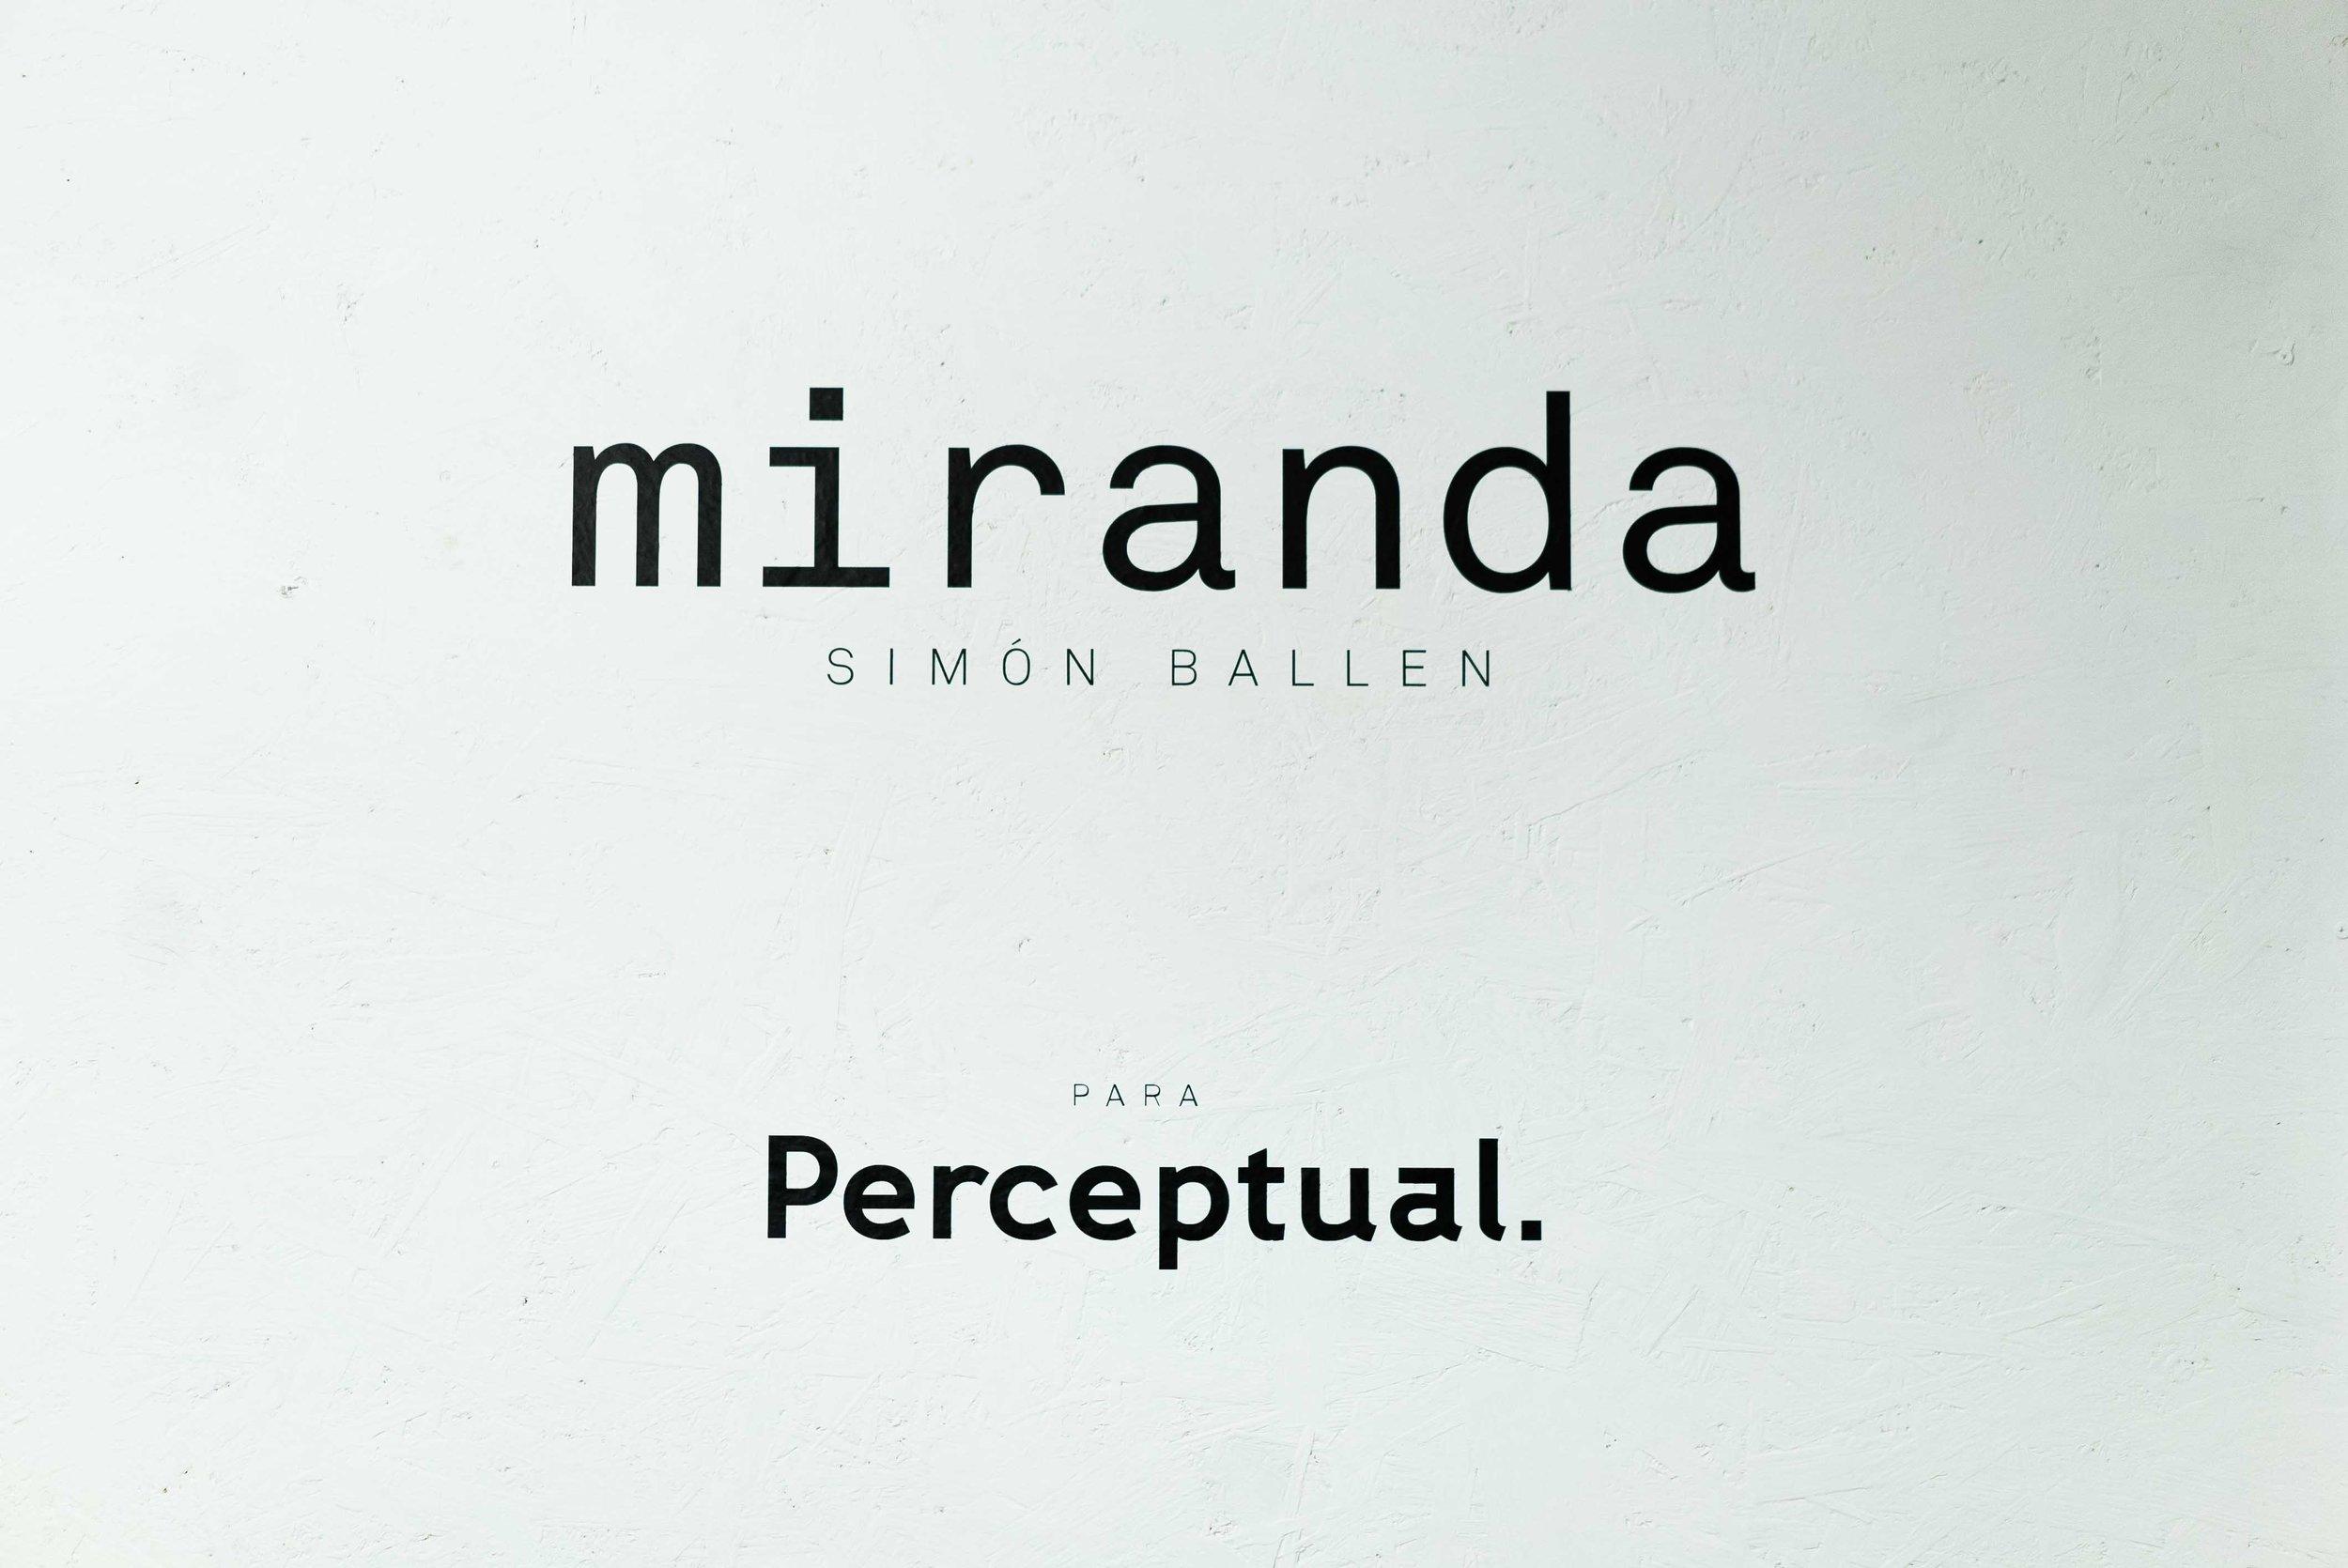 perceptual-1-3.jpg